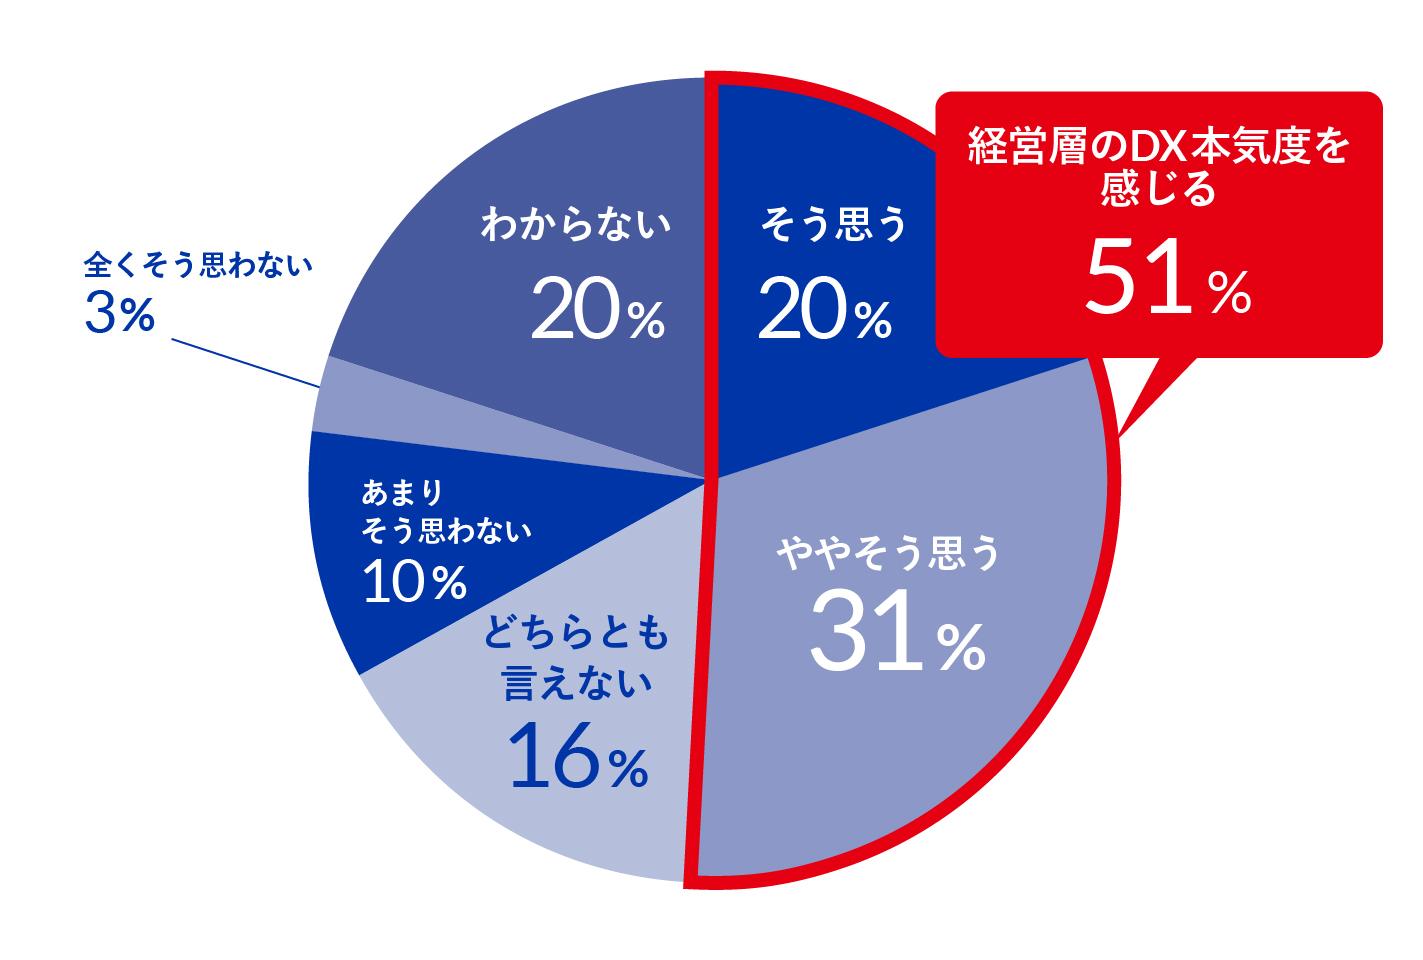 【グラフ⑤:経営層のDXへの本気度】